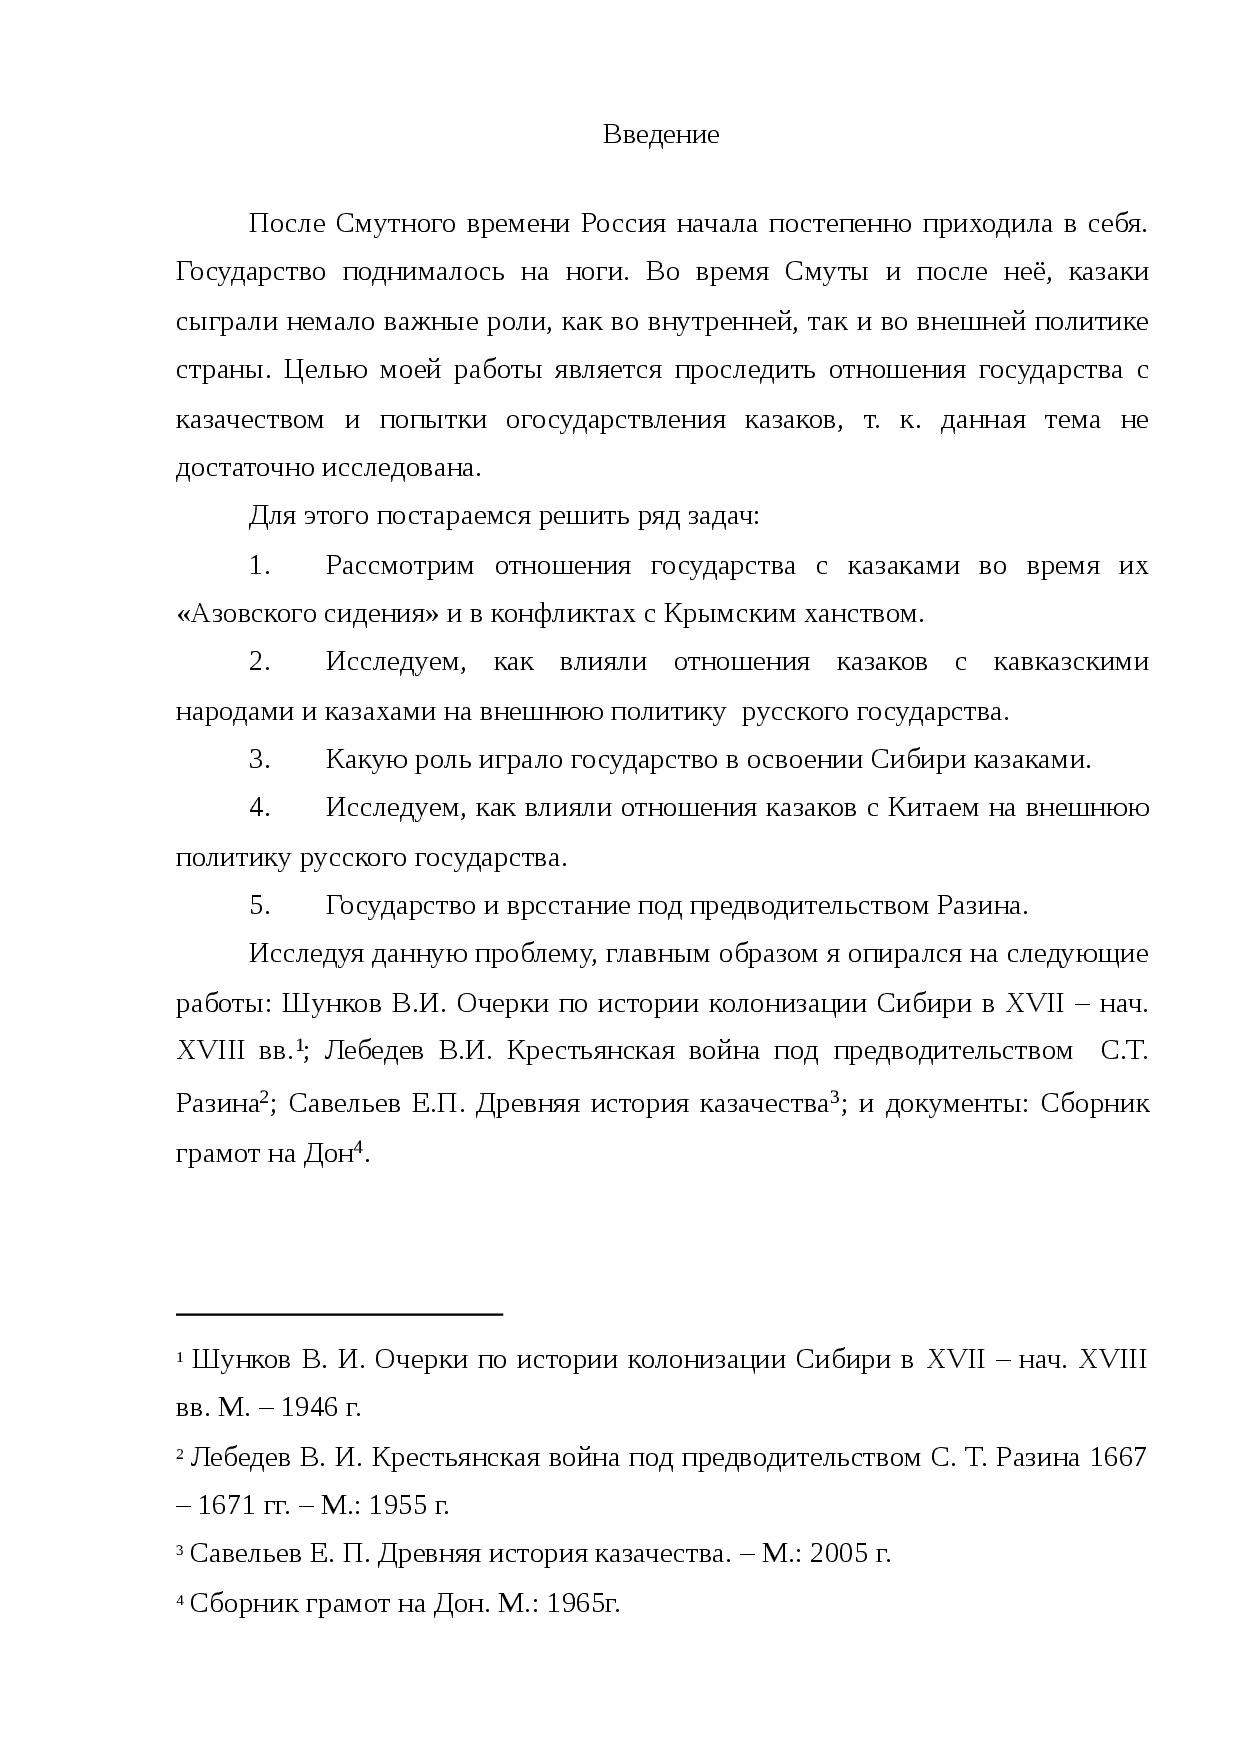 освоение сибири год